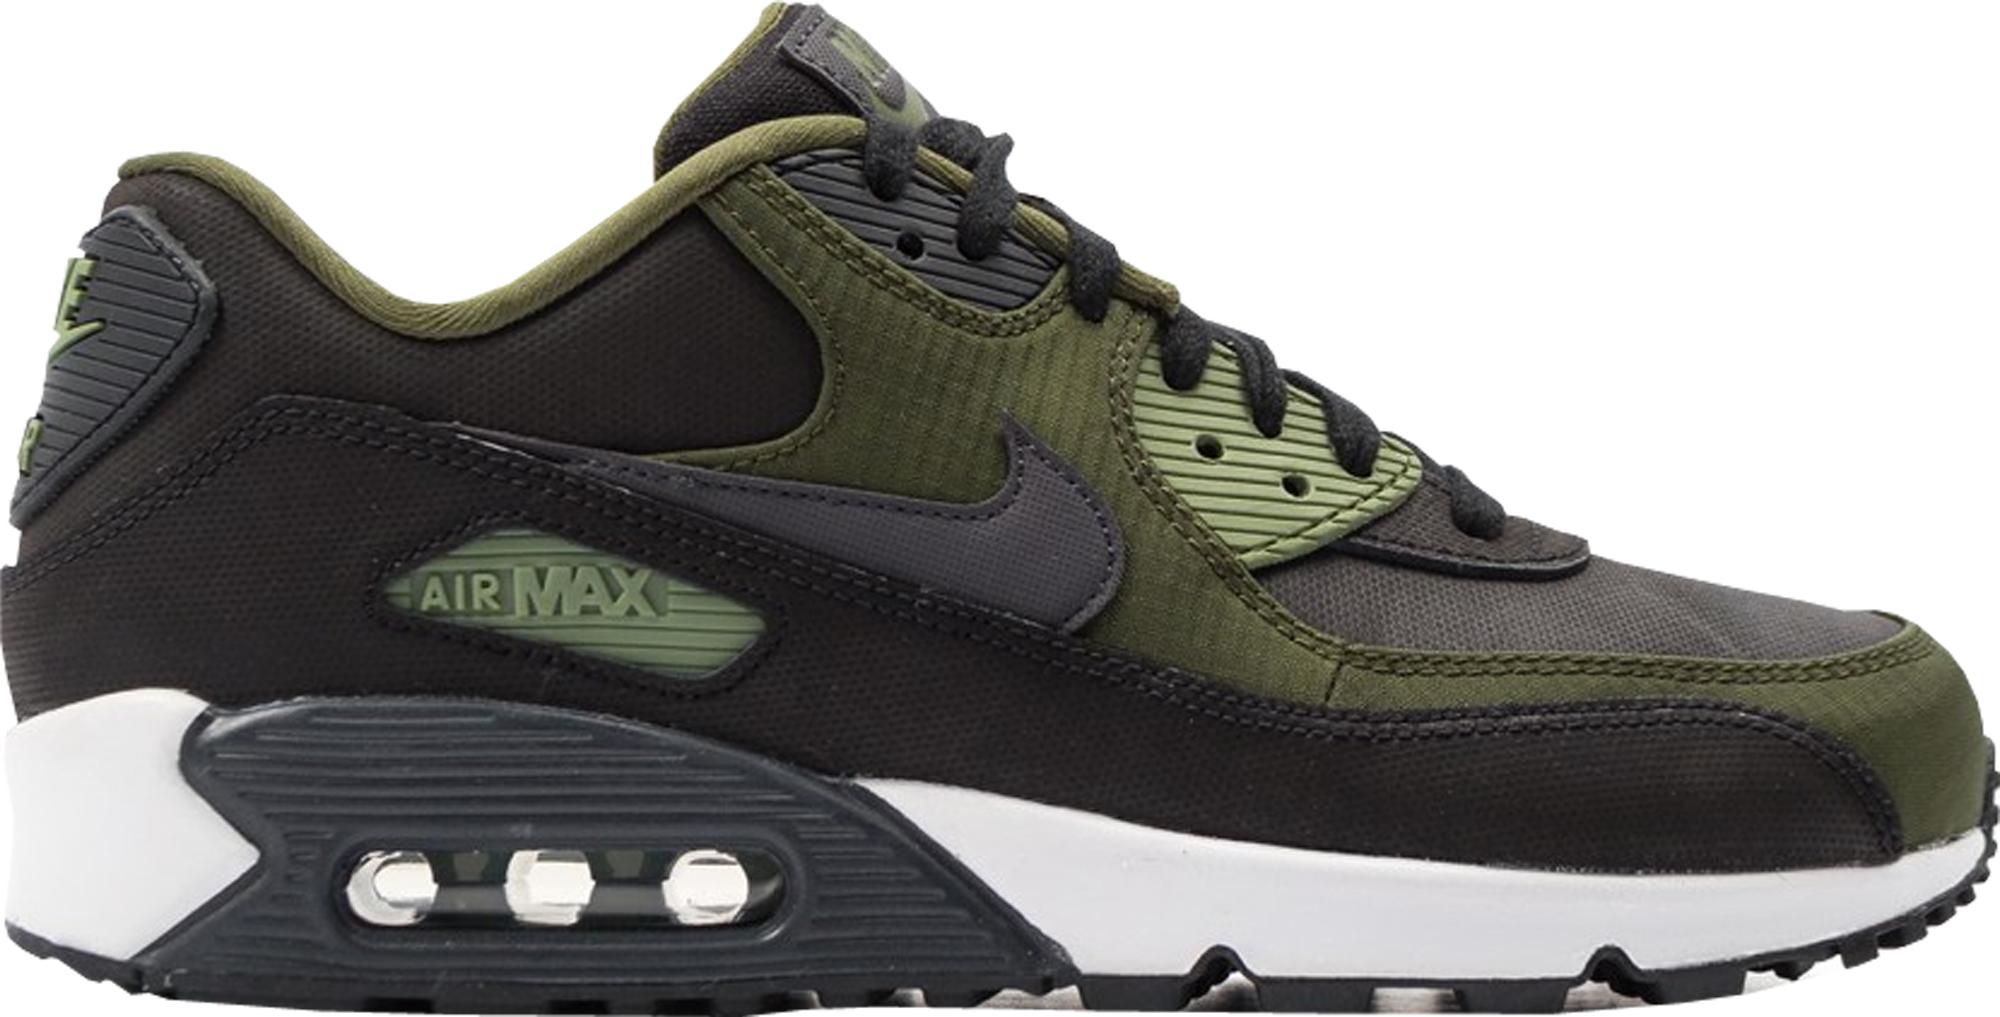 Nike Air Max 90 Legion Green - 700155-002